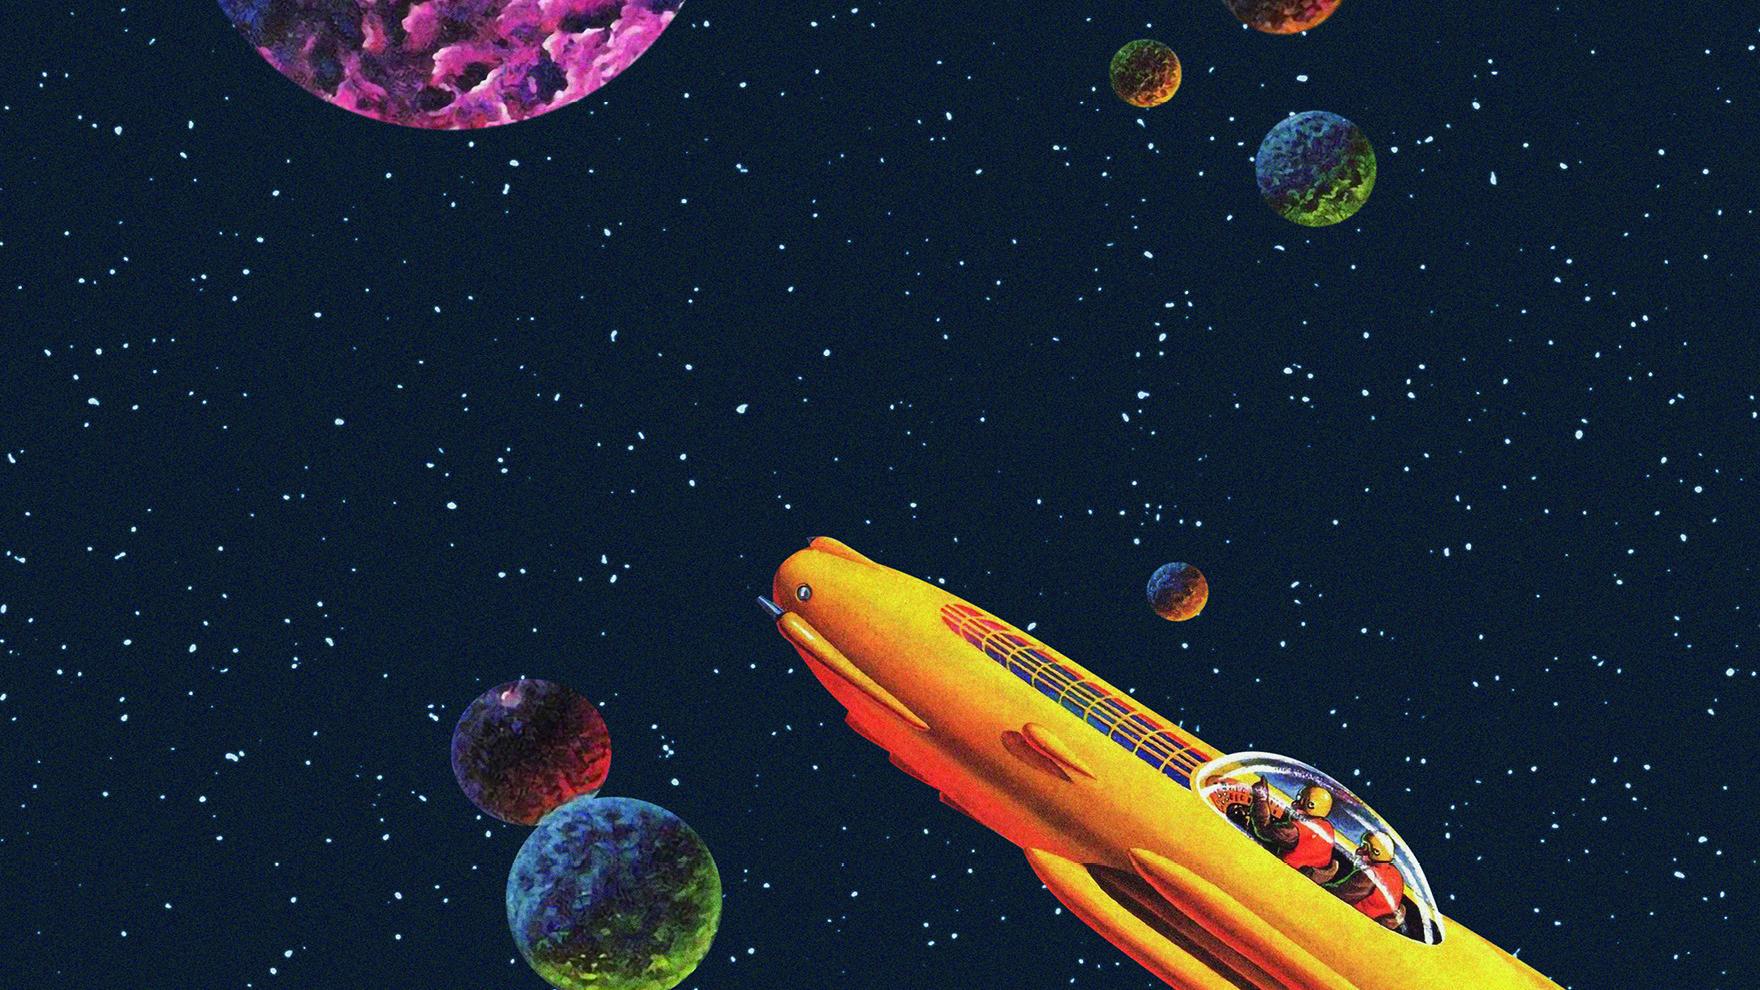 Kosmos mit Planeten und Raumschiff:Motiv für die Brechtnacht in Augsburg